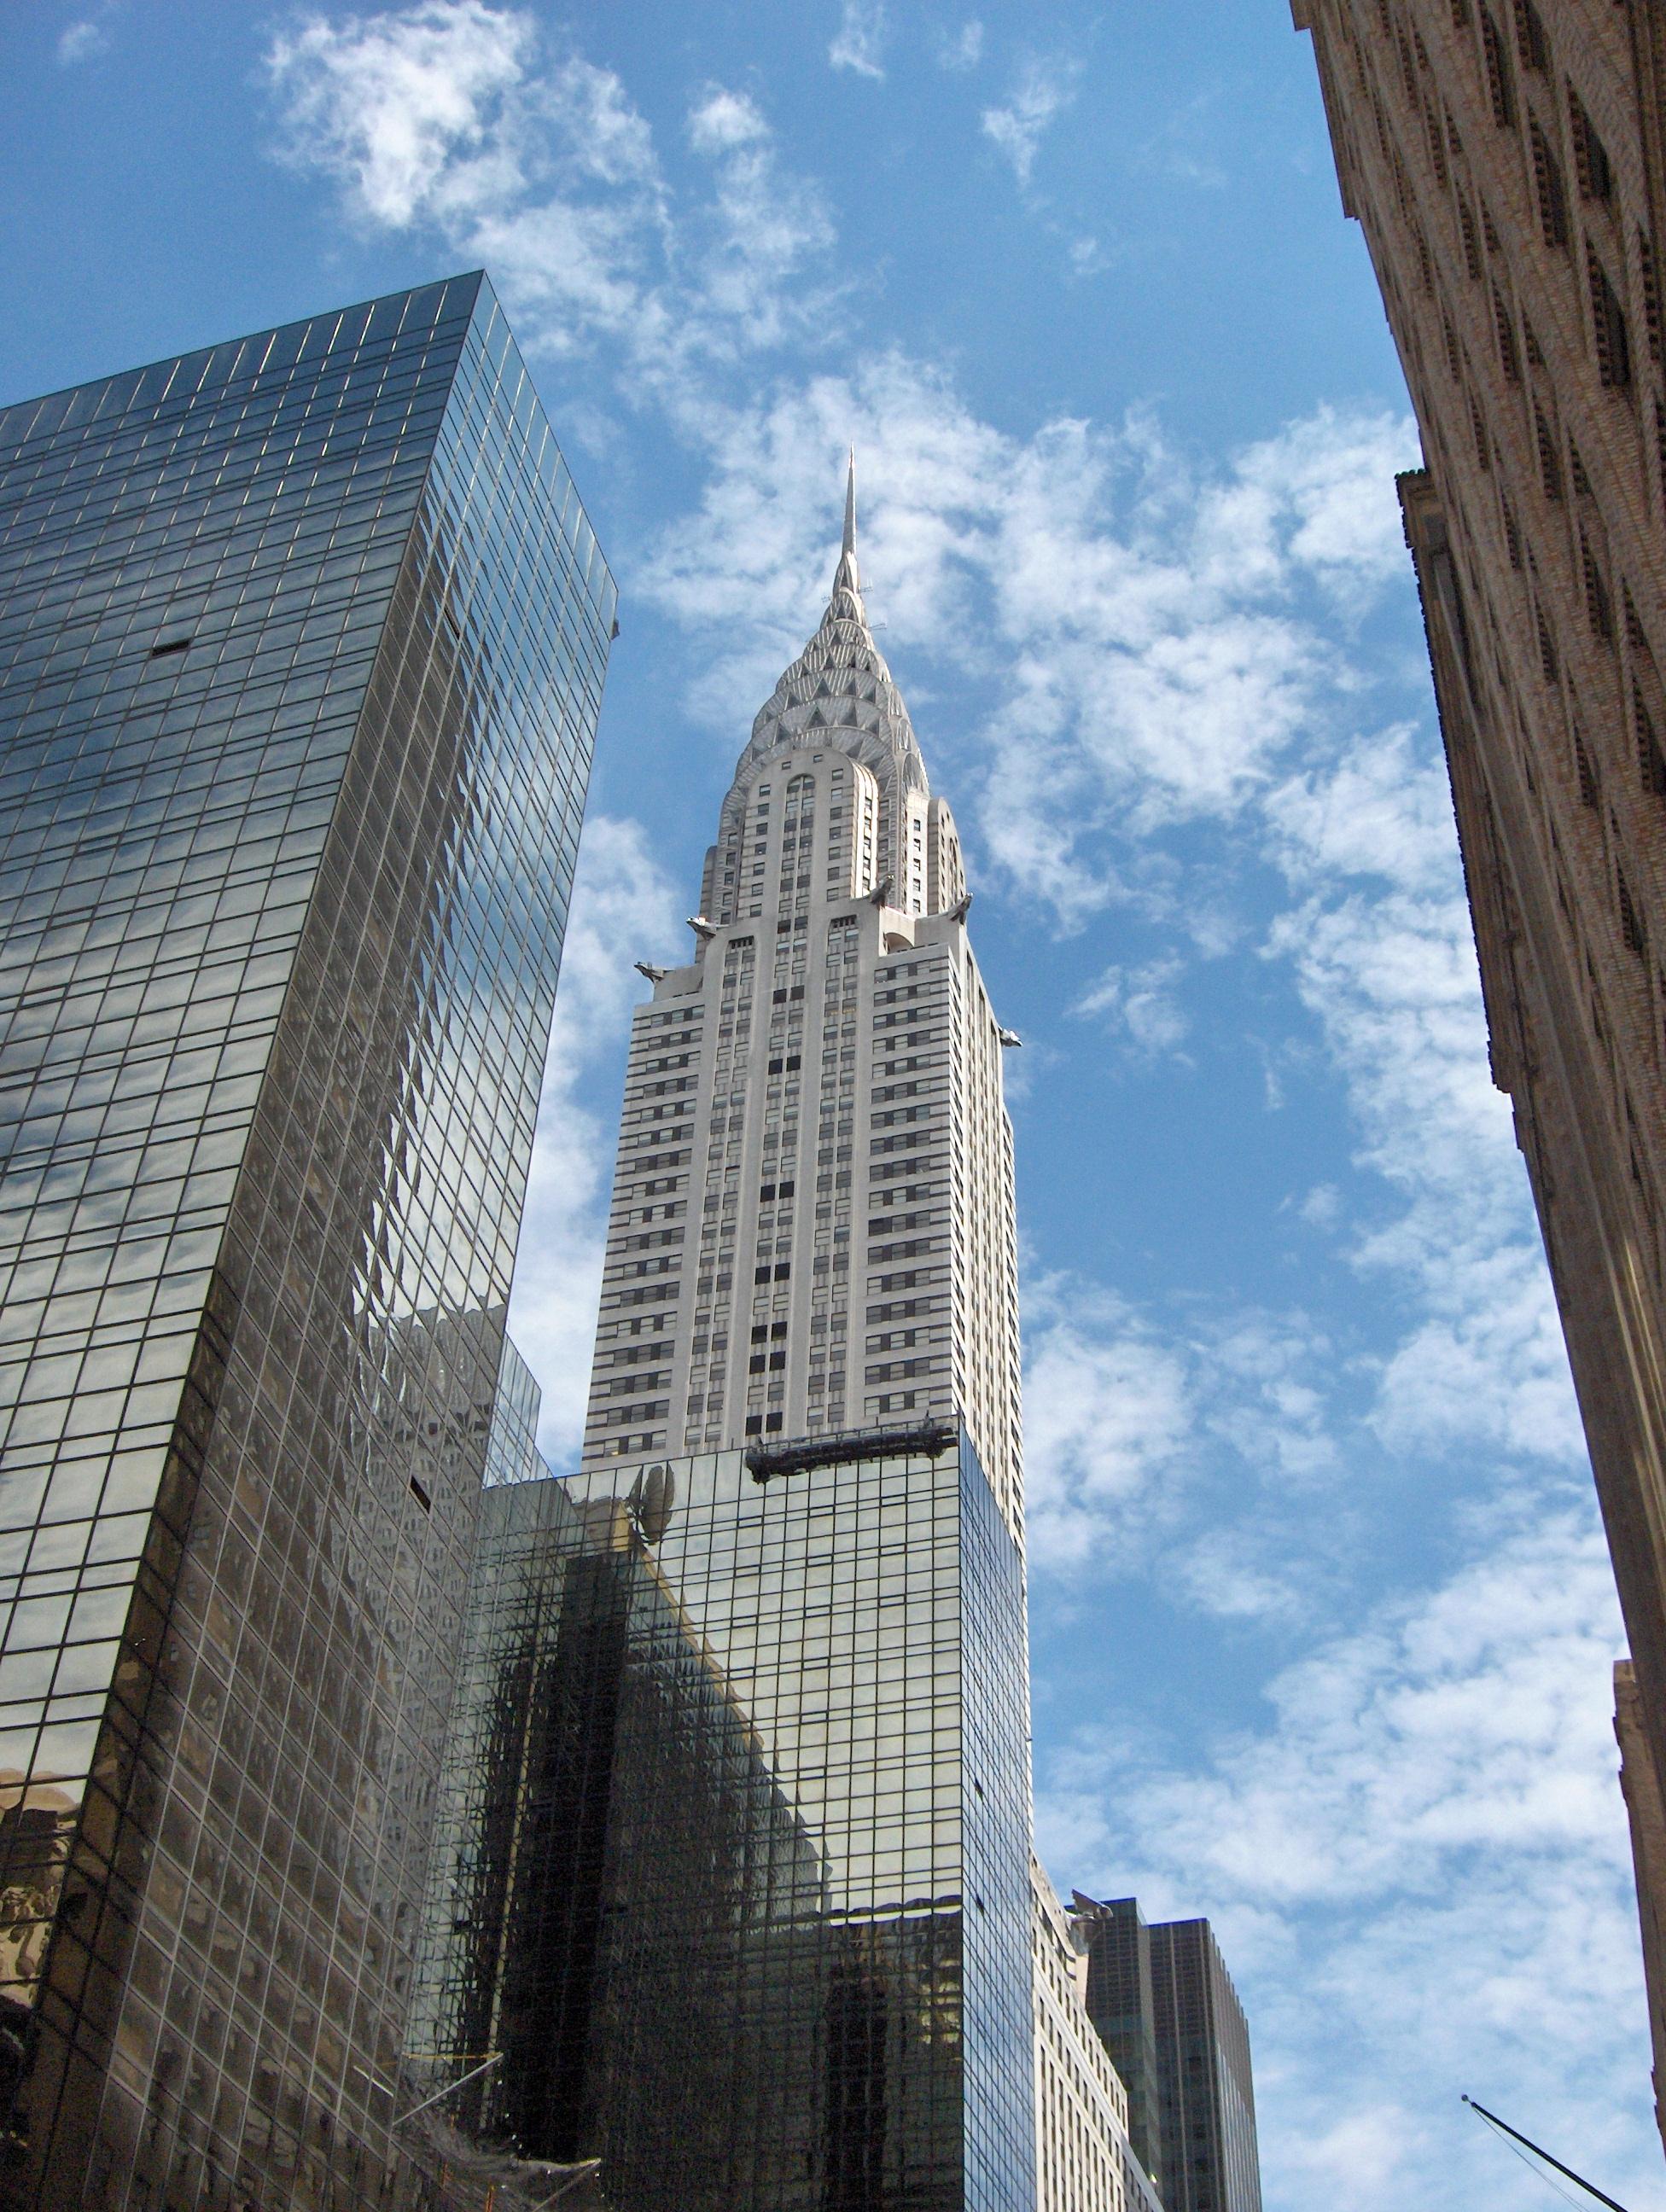 Chrysler Building Observation Deck Hours